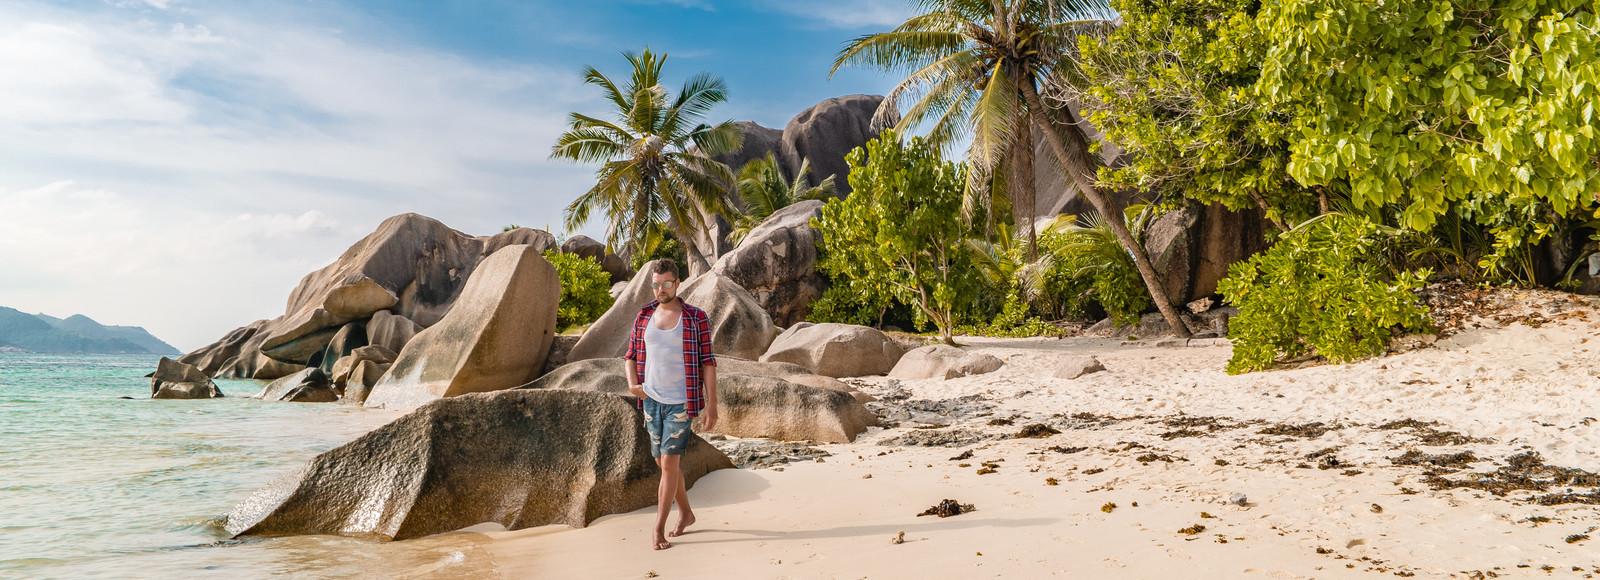 Die zehn schönsten Seychellen-Inseln